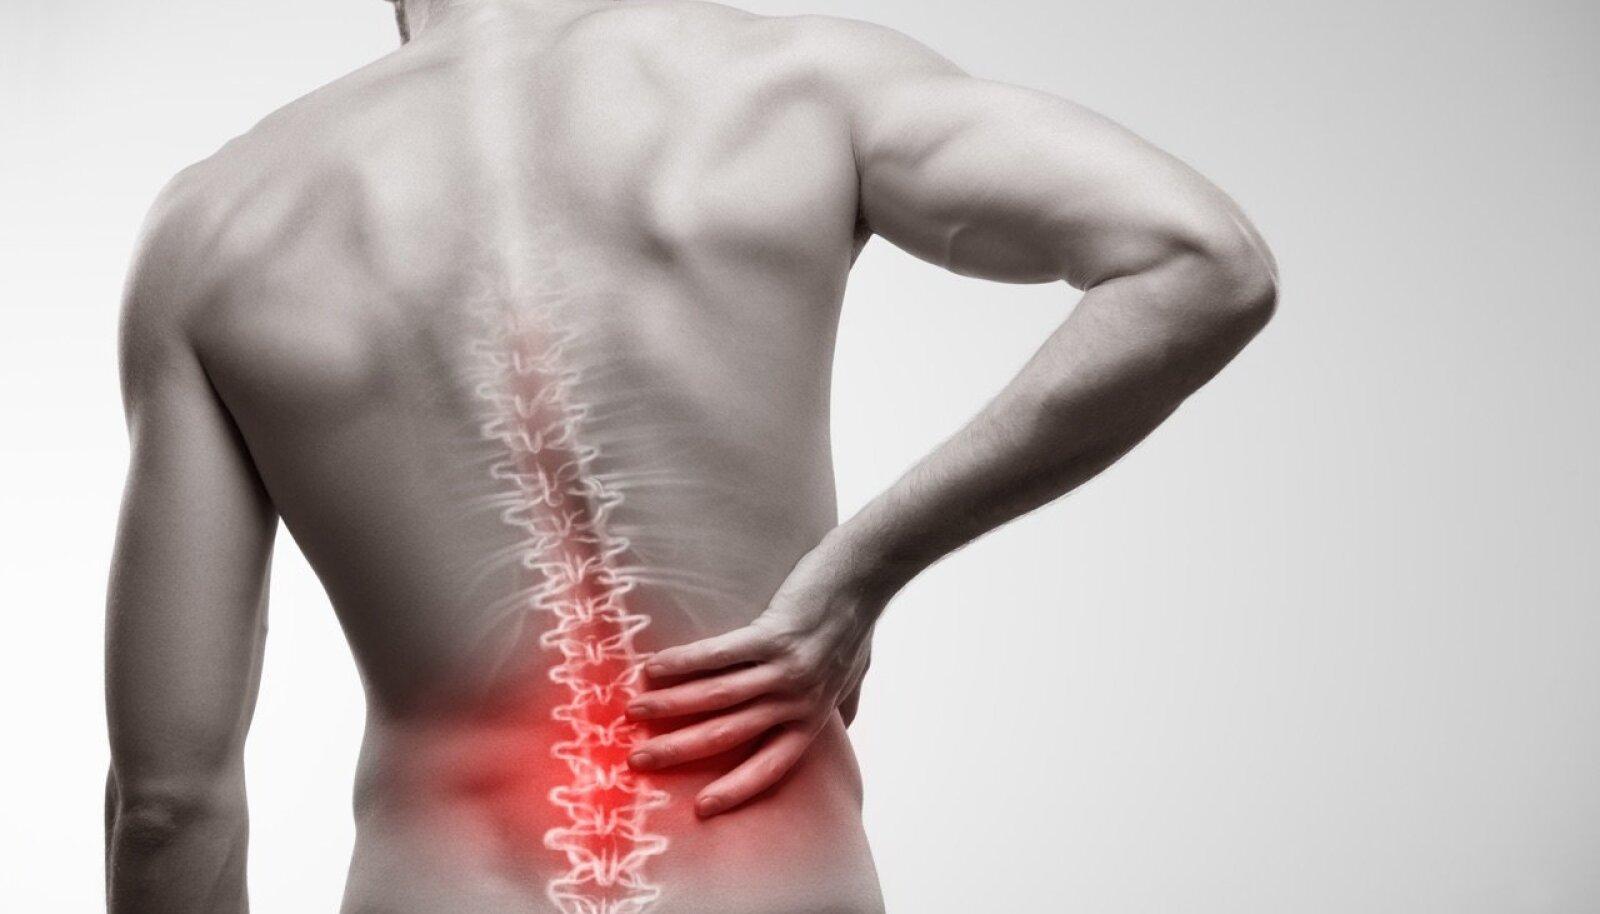 Mis aitab valu lihaste ja liigeste valu Hematoomi ravi kuunarnukil